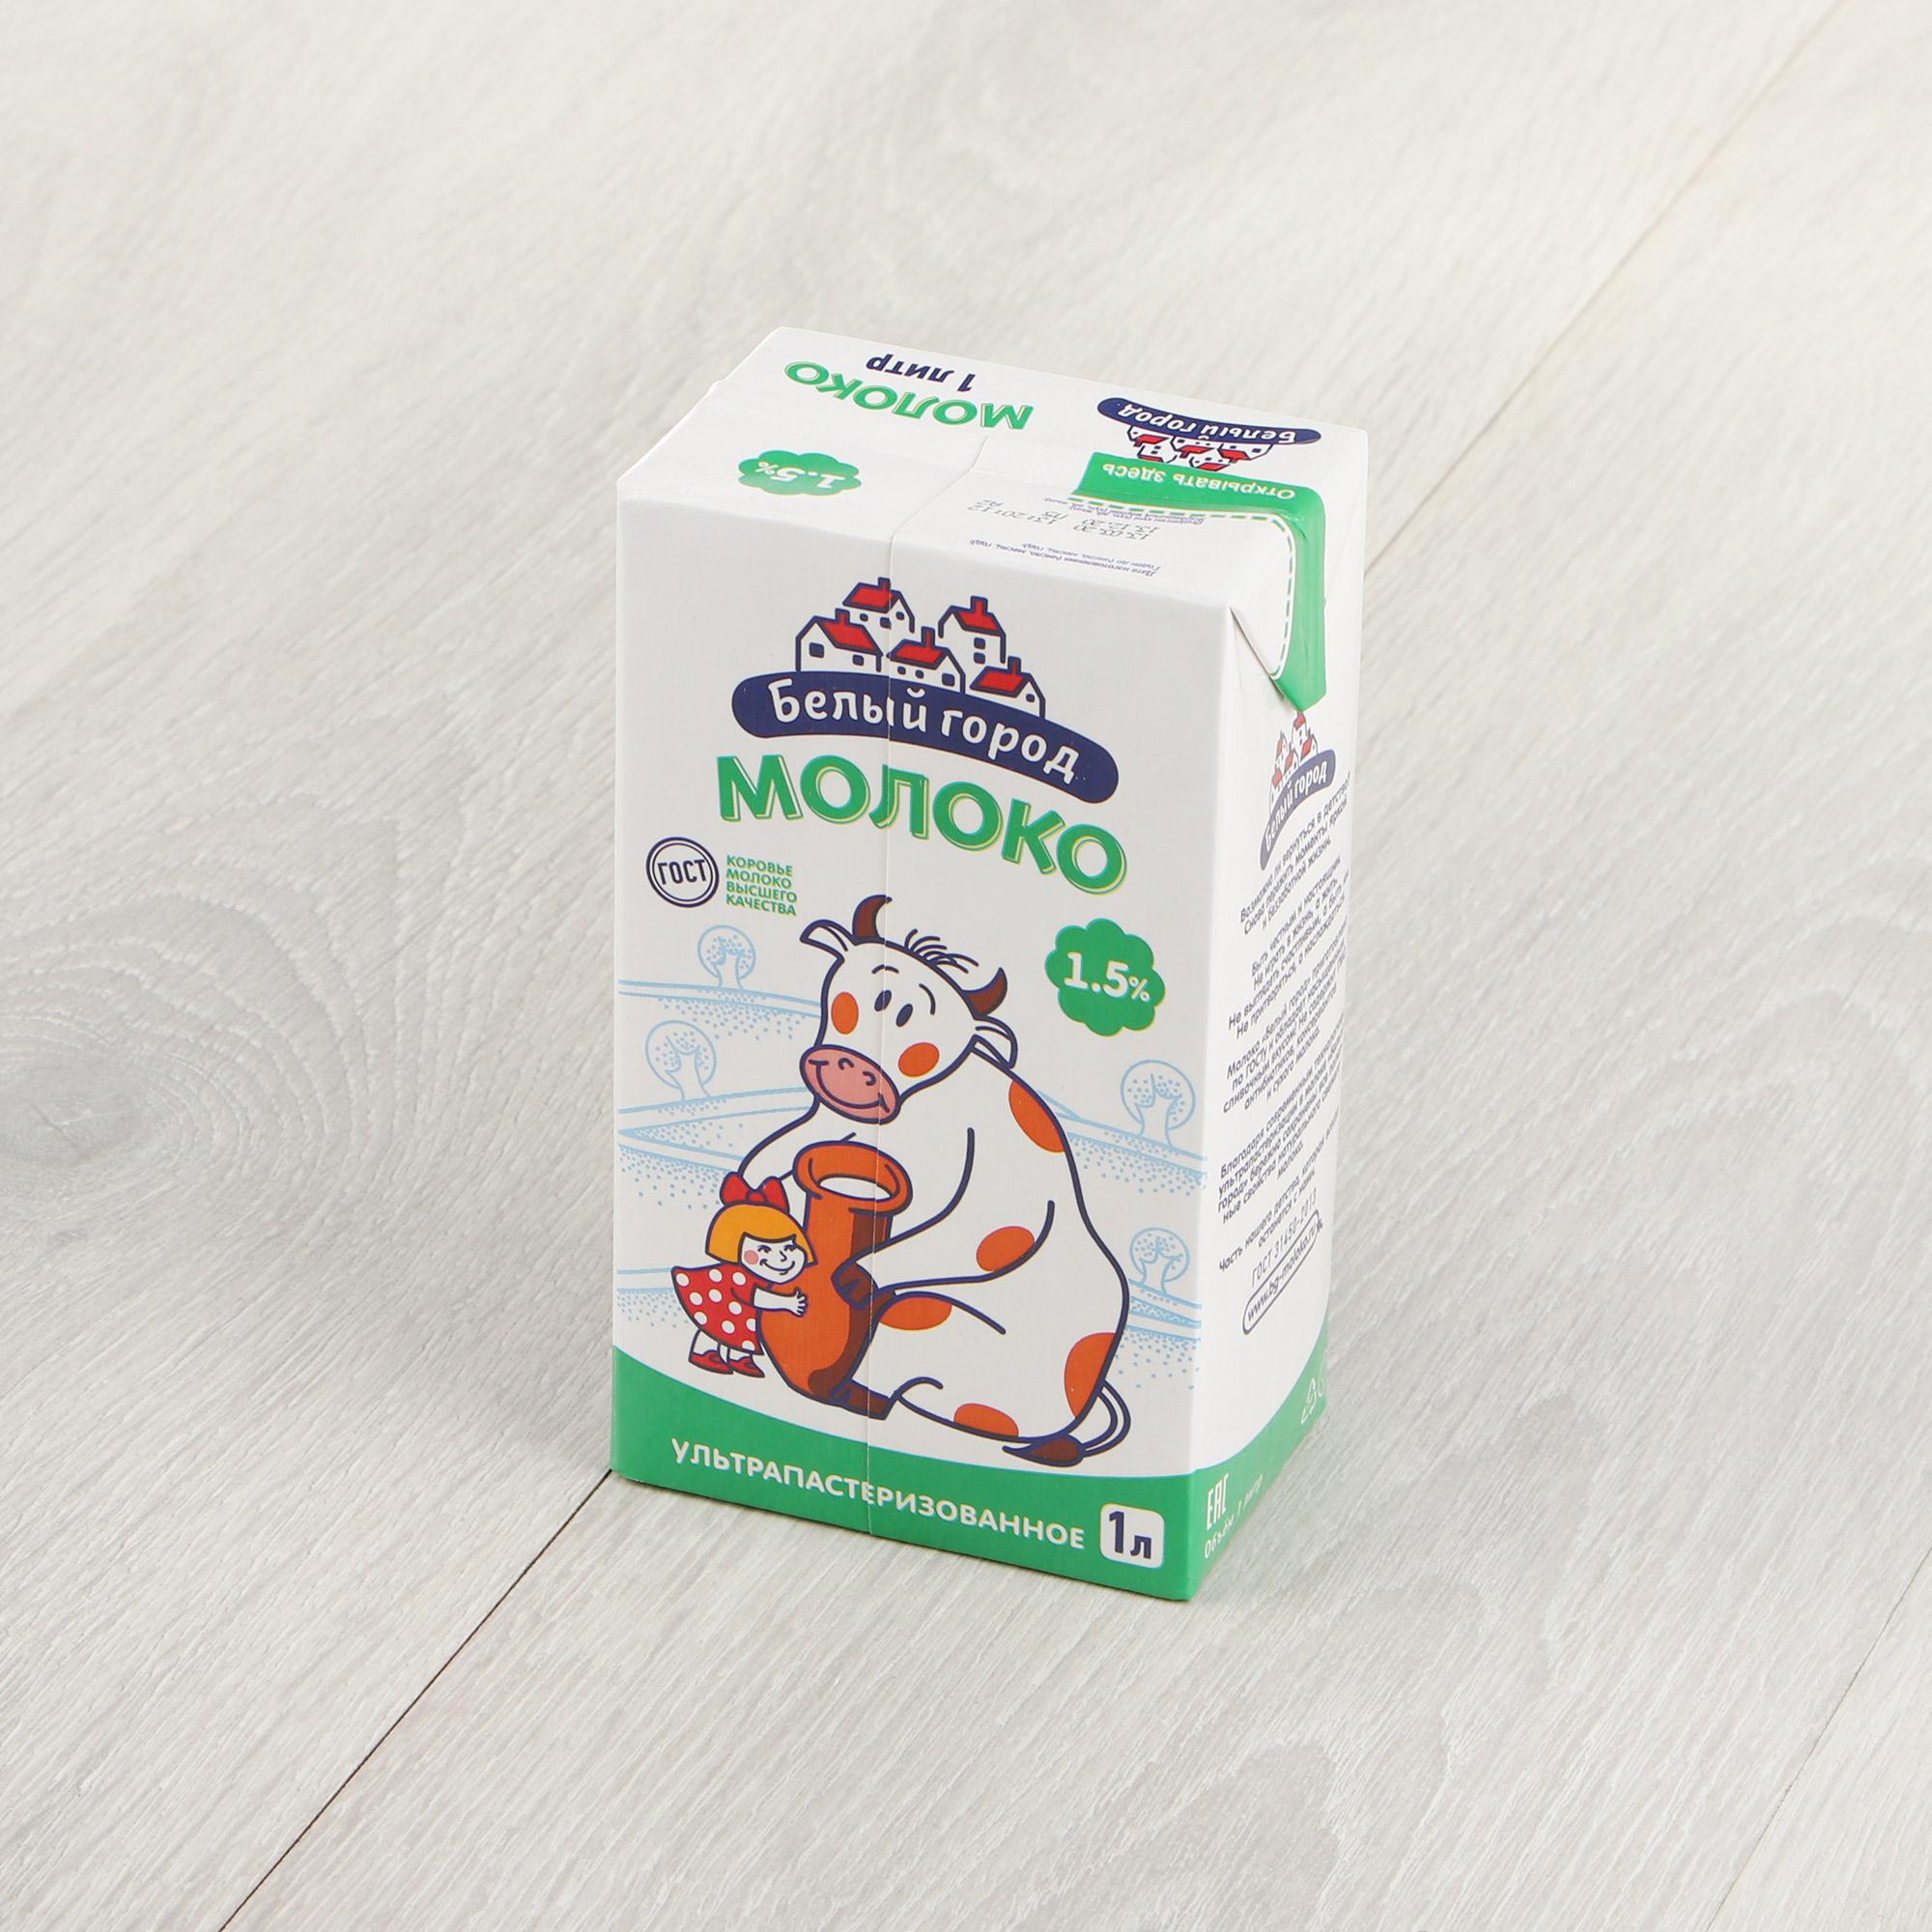 Молоко Белый город ультрапастеризованное 1,5% 1 л